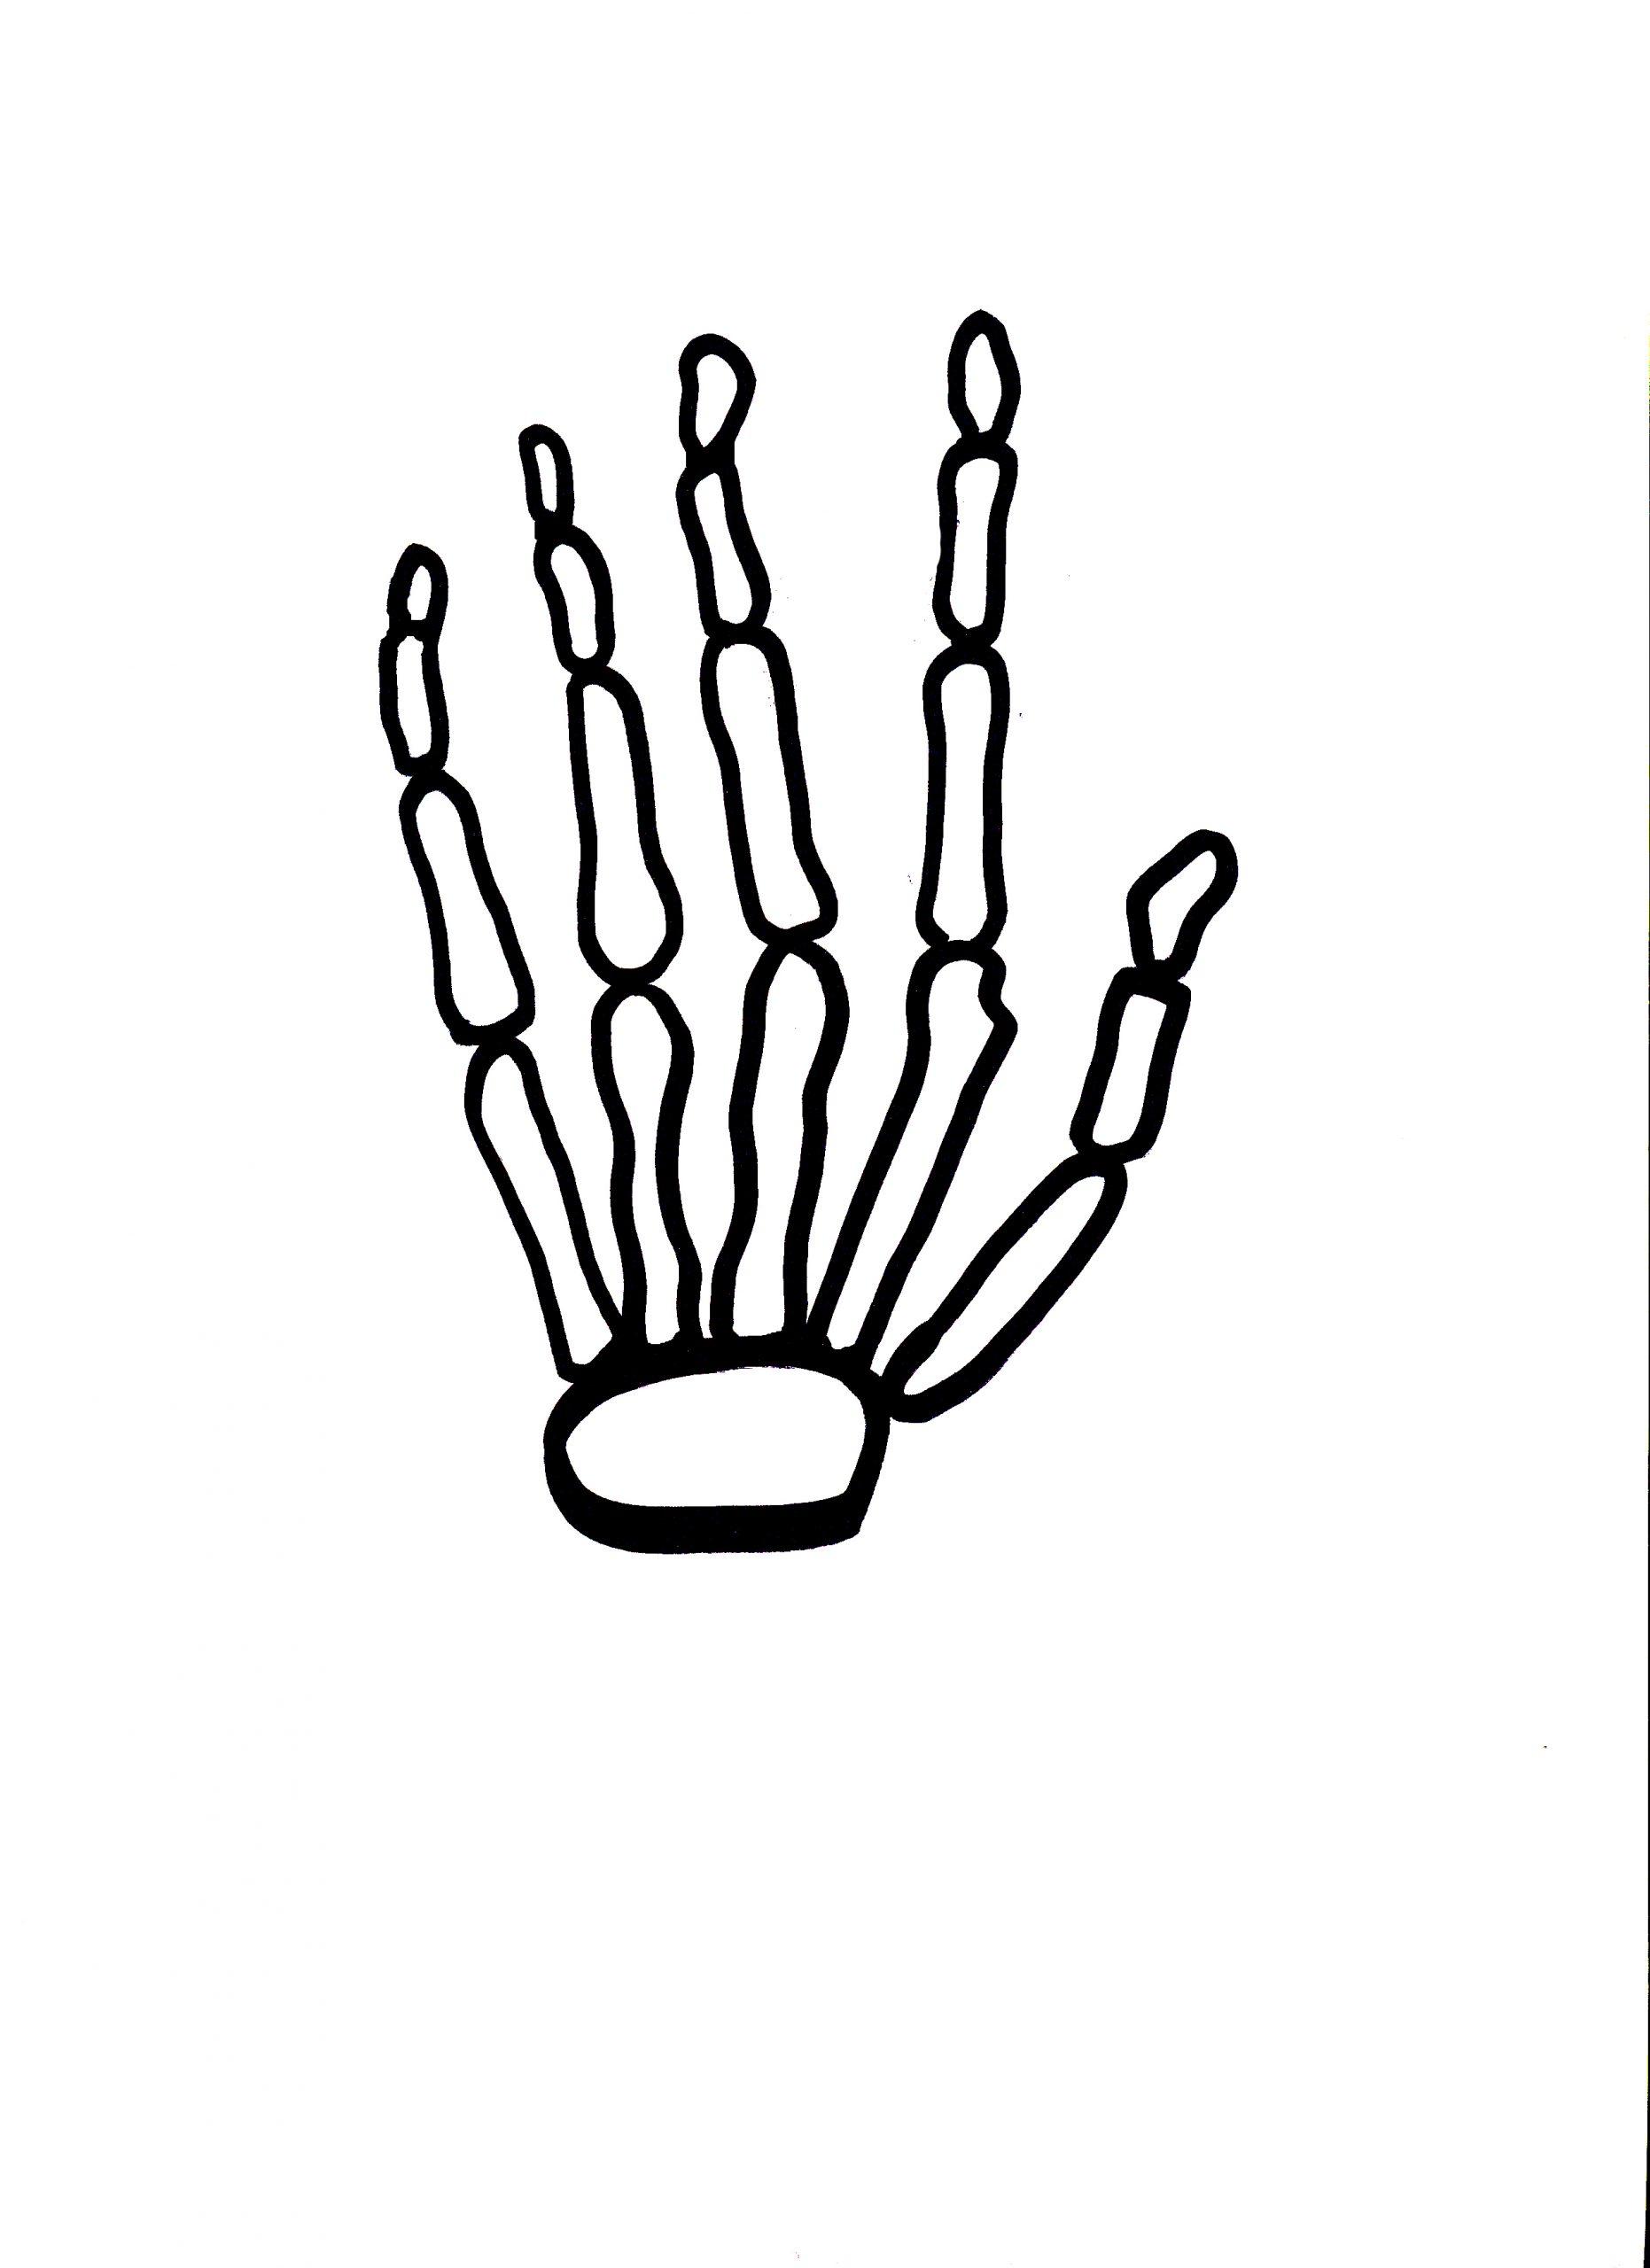 skelett ausdrucken  kinderbilderdownload  kinderbilder